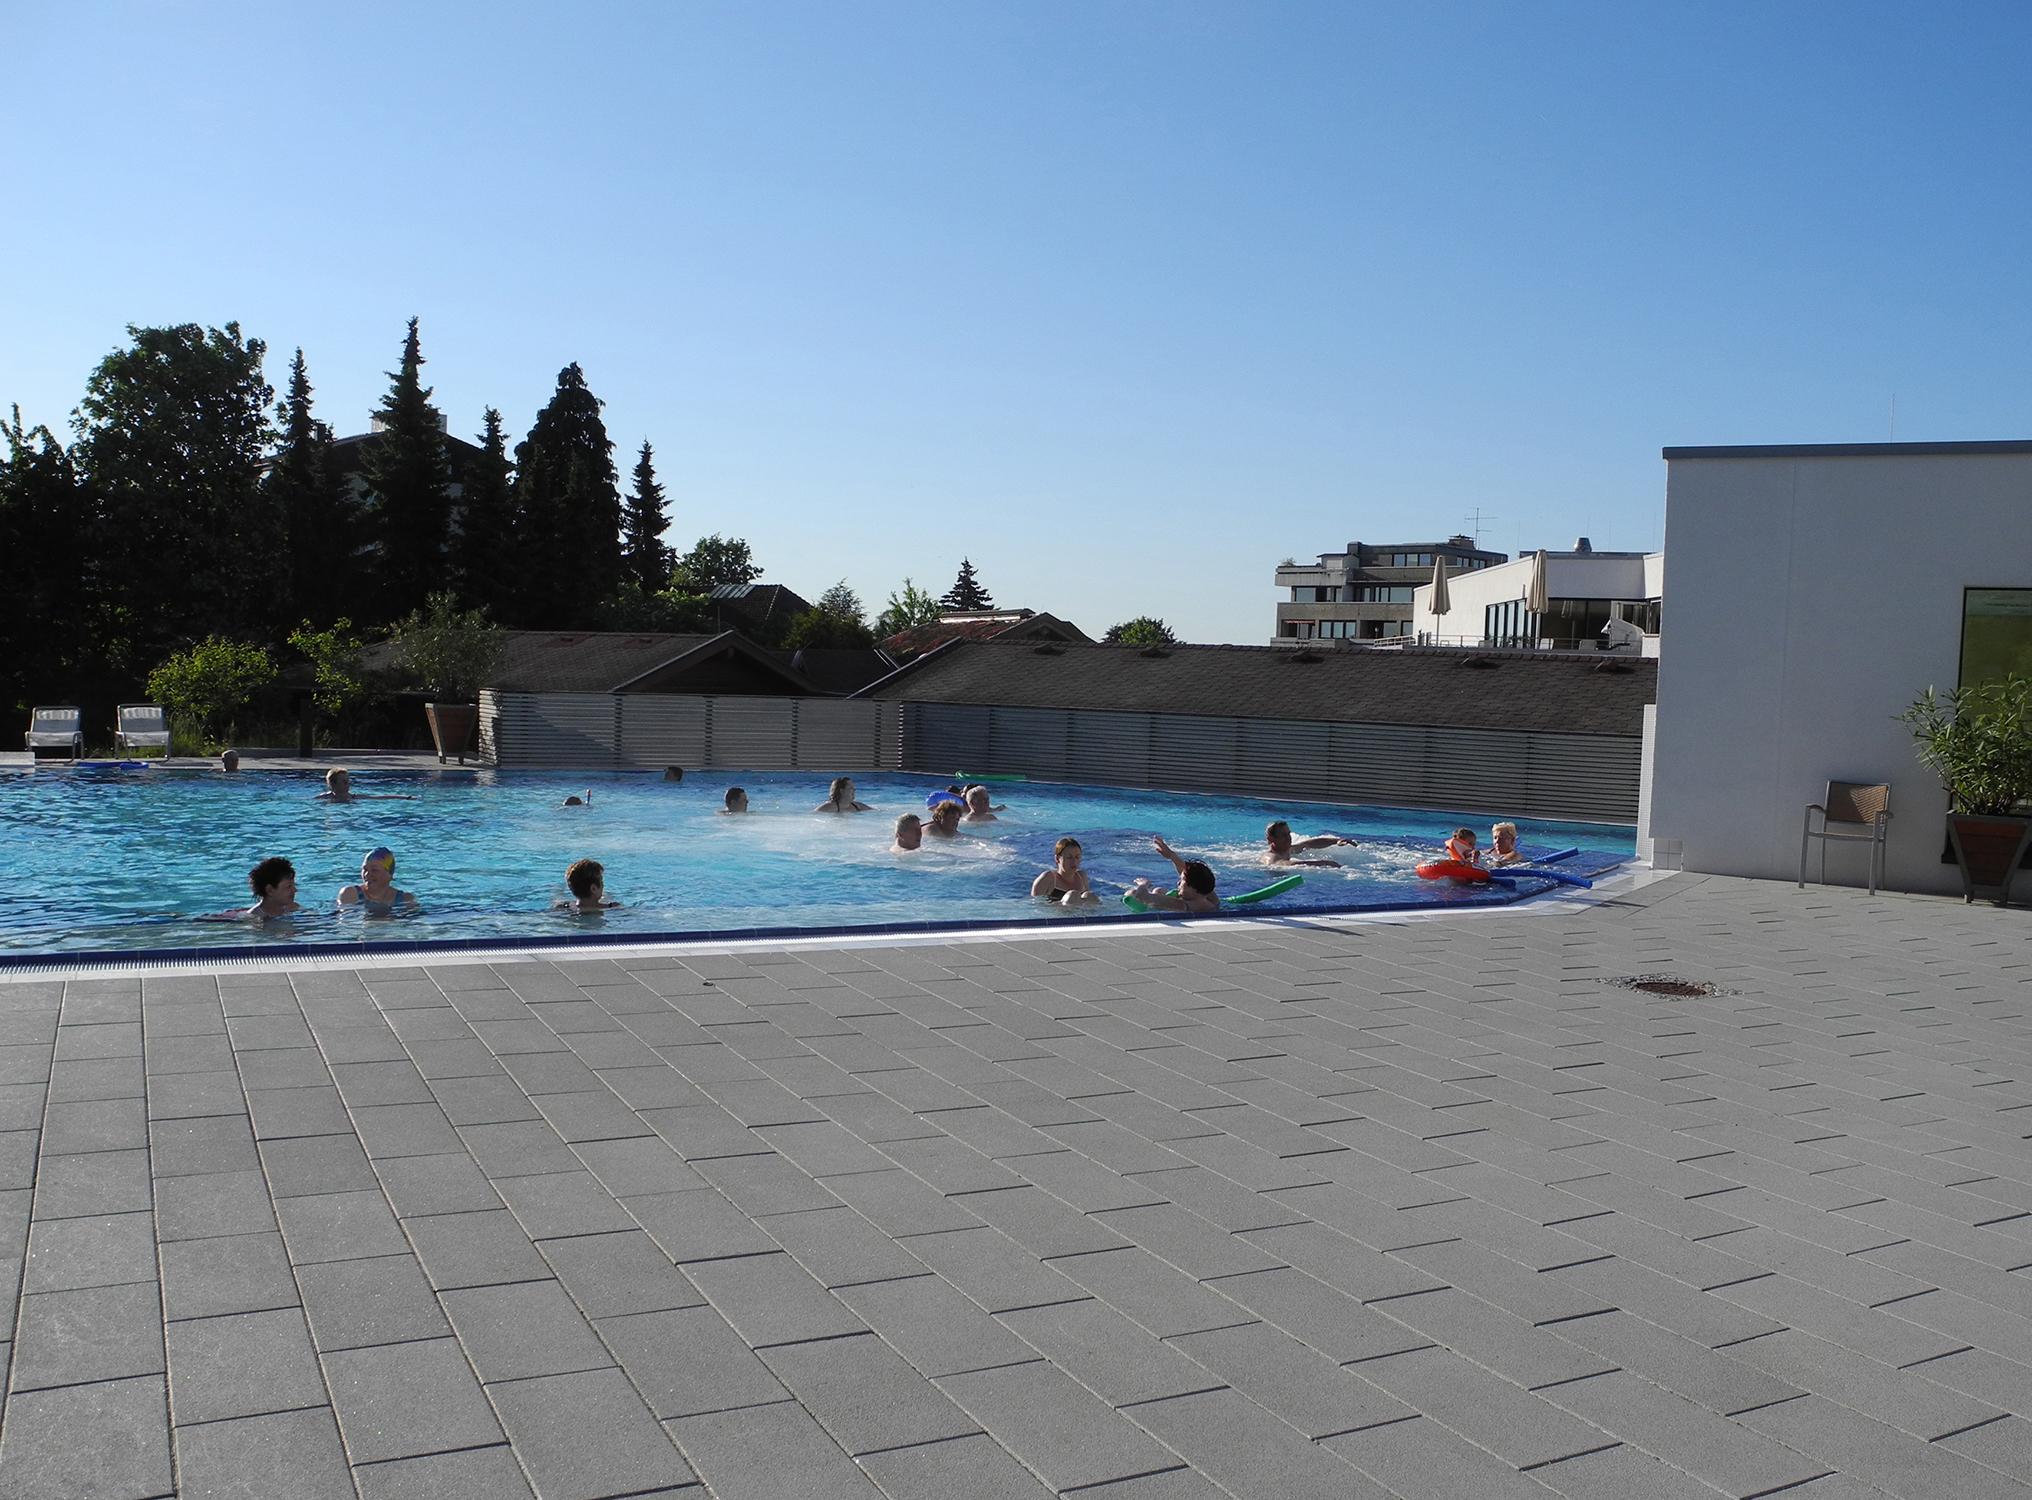 landgrafentherme-bad-nenndorf-aussenbecken-schwimmen-sonnen-bodenbelandgrafentherme-bad-nenndorf-aussenbecken-schwimmen-sonnen-bodenbelag-platten-kleinerlag-platten-kleiner